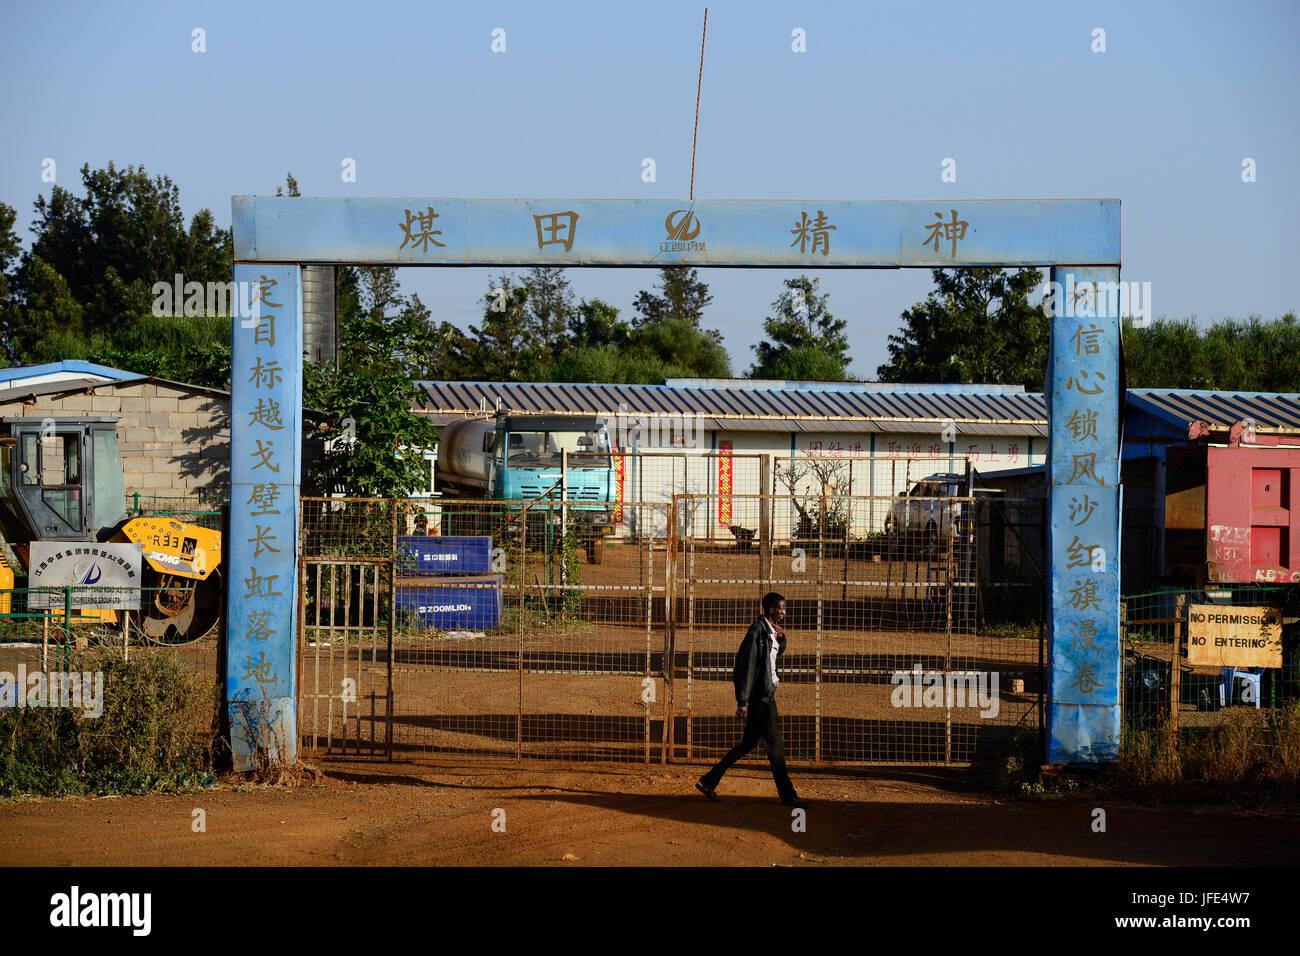 KENYA, Marsabit, chinese construction company, road construction / KENIA, Marsabit, chinesische Baufirma, Strassenbau - Stock Image